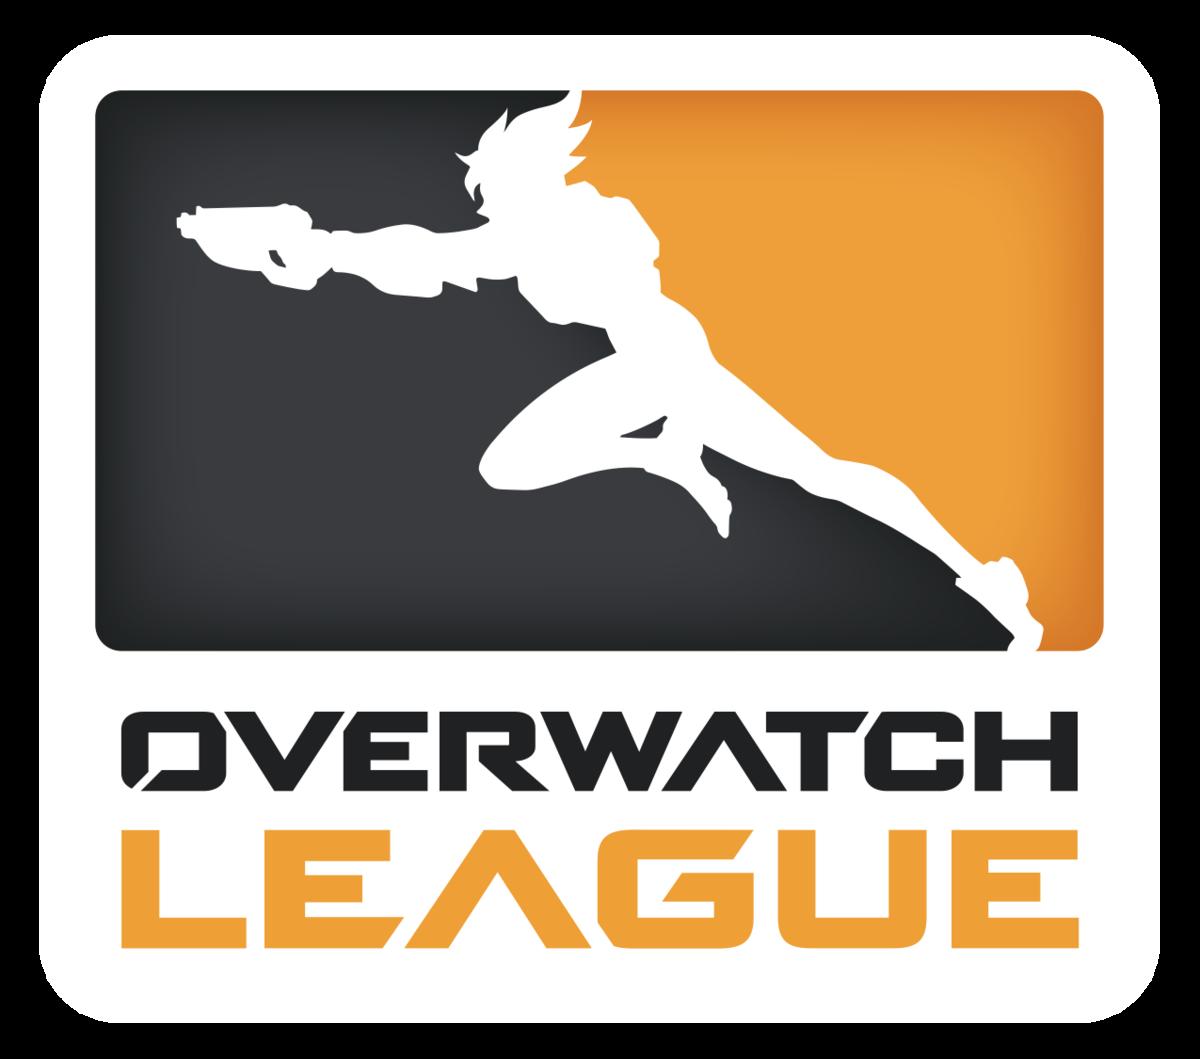 Overwatch League - 2019 Stage 1 Playoffs